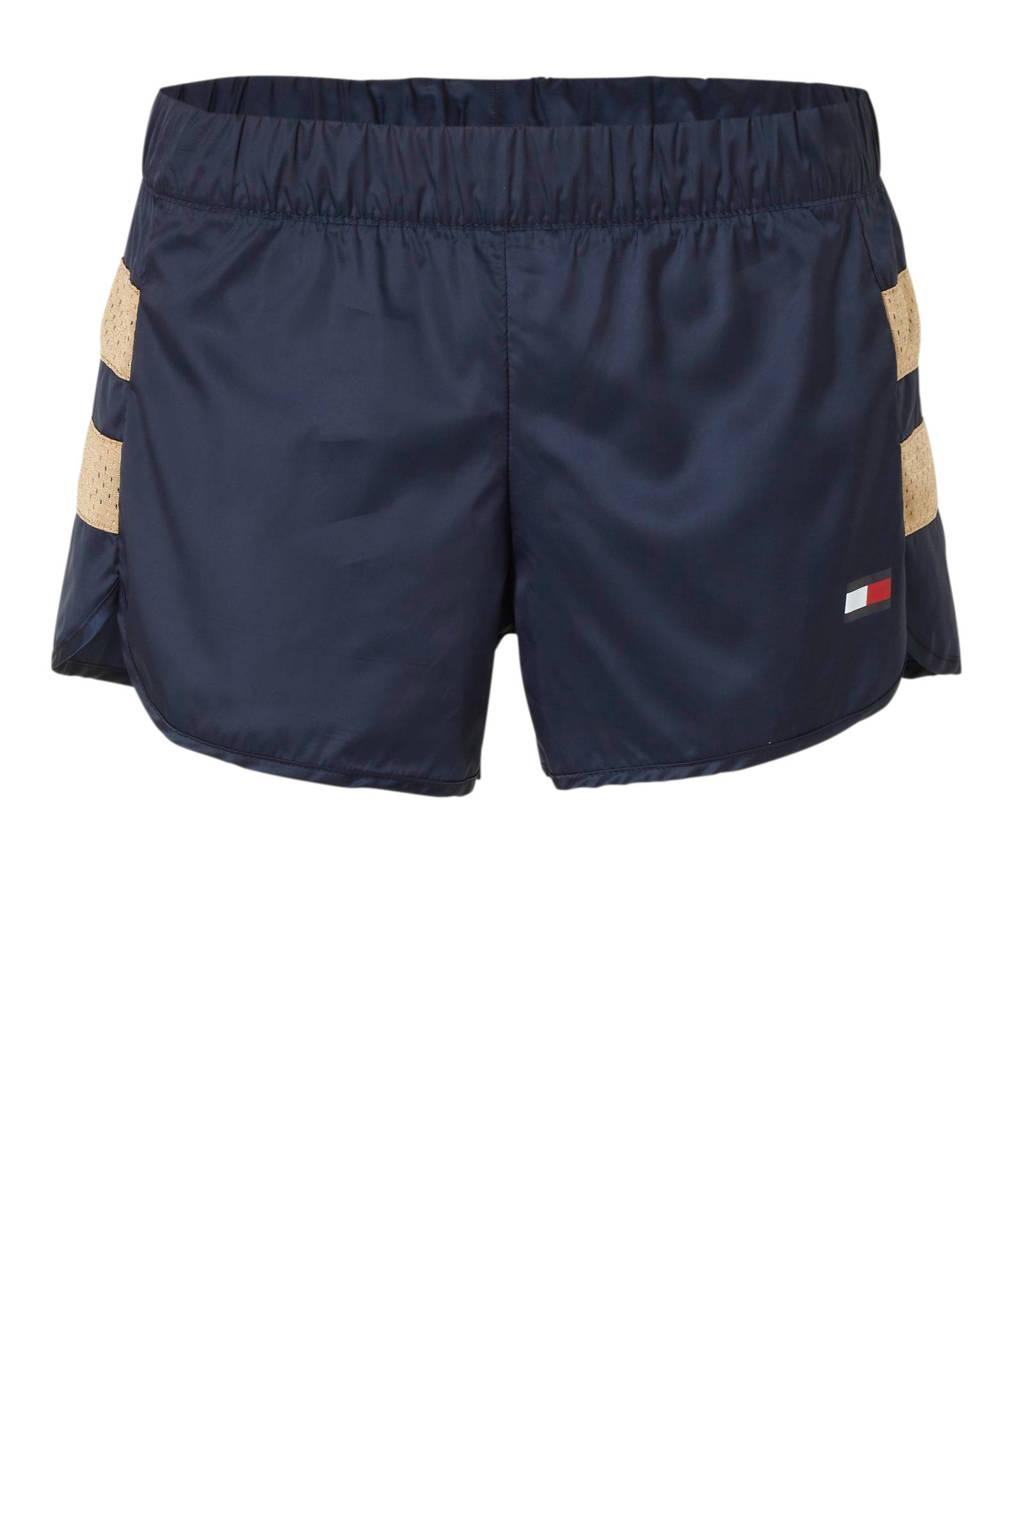 Tommy Sport short wit/donkerblauw/zalm, Wit/donkerblauw/zalm